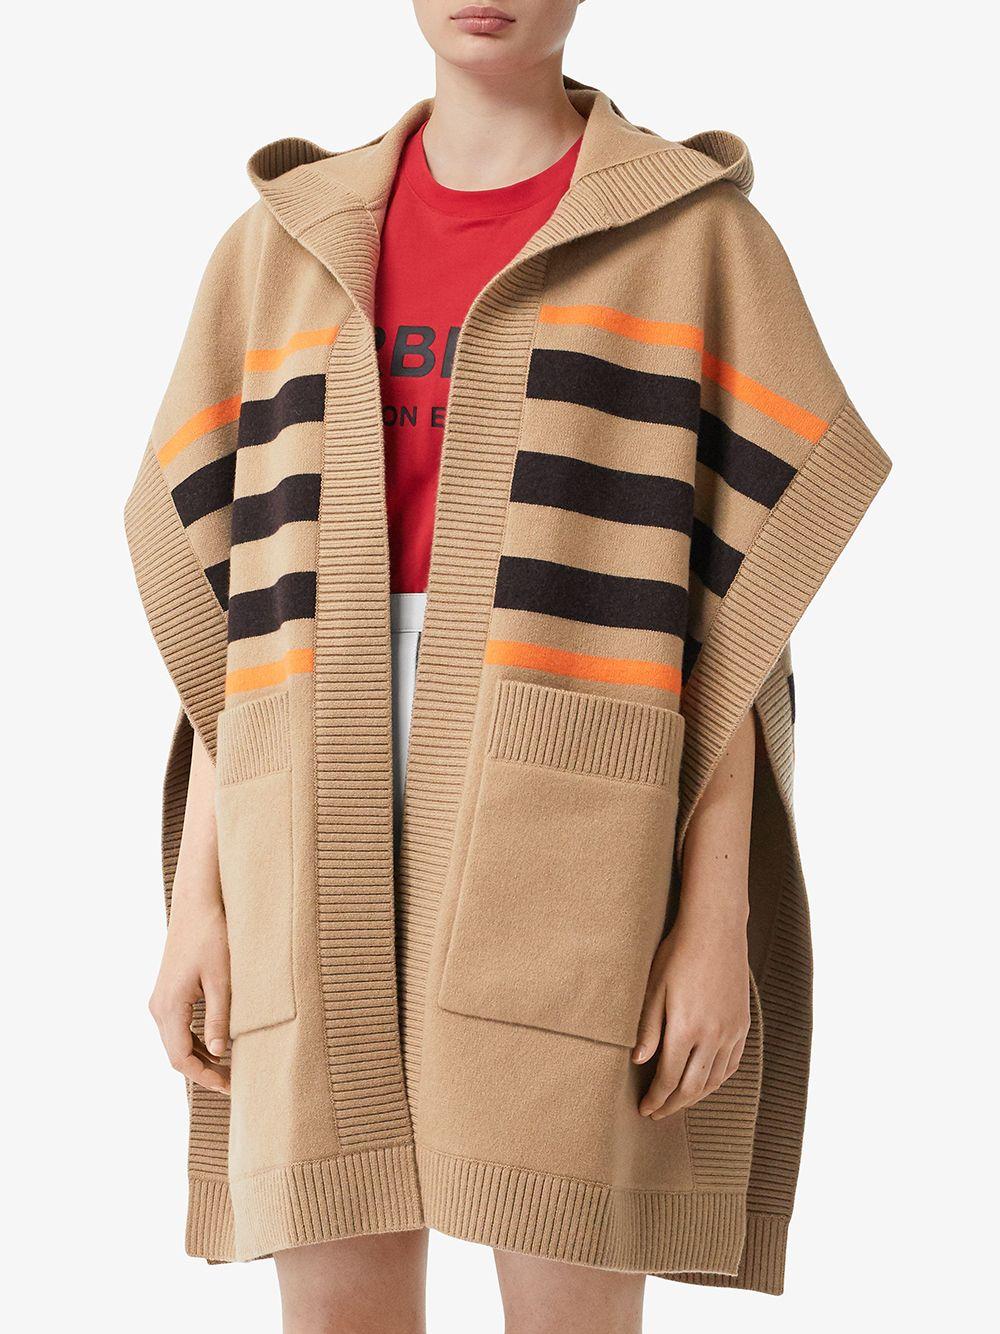 Mantella in lana e cachemere marrone con cappuccio e tasconi anteriori BURBERRY | Mantella | 8018233-ST TB MONO STRPA7026